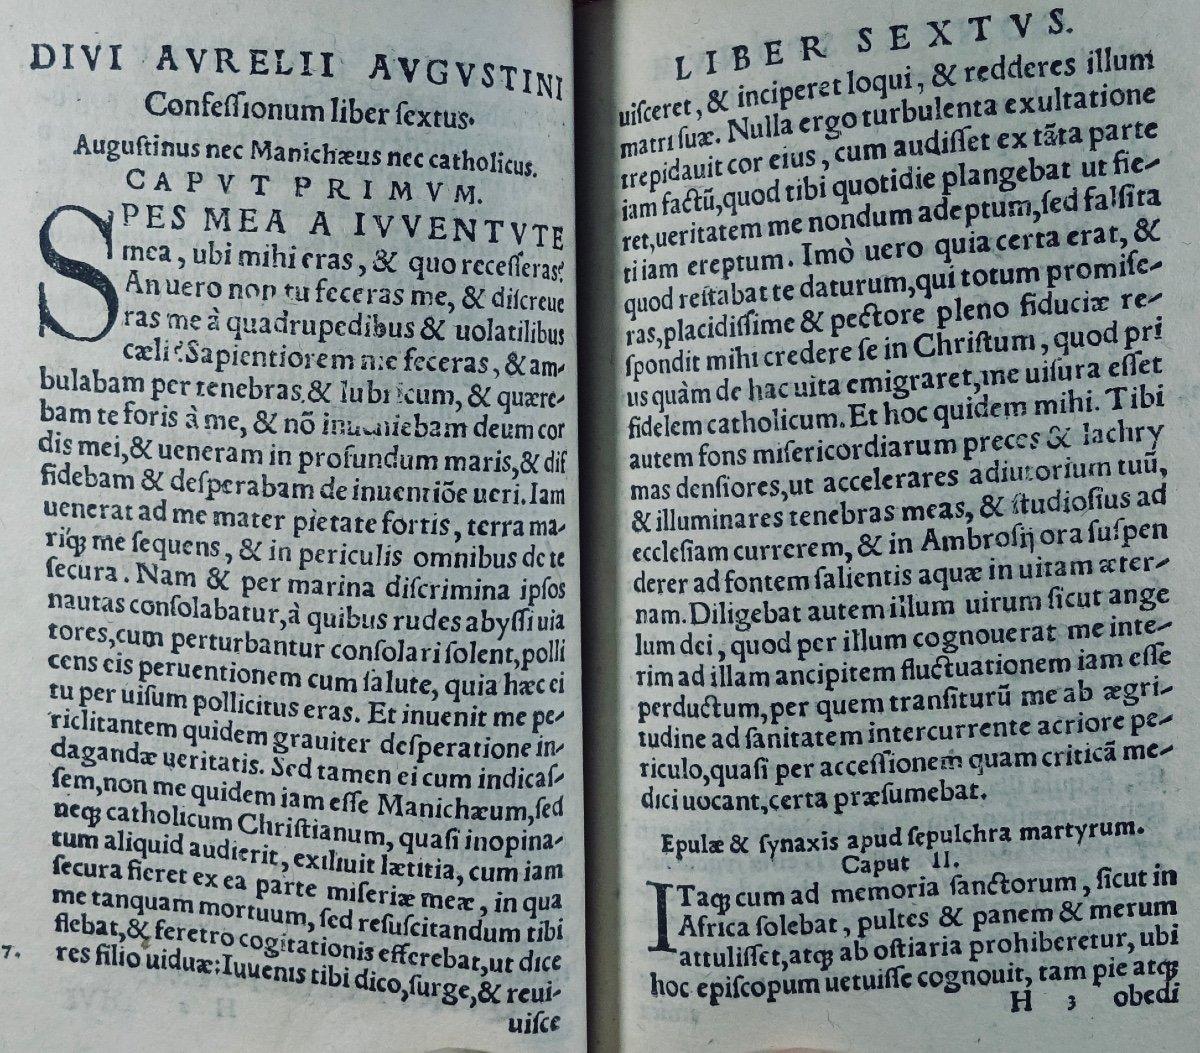 Les Confessions De Saint Augustin, Imprimé à Cologne En 1531, Dans Une Reliure Signée Capé.-photo-1